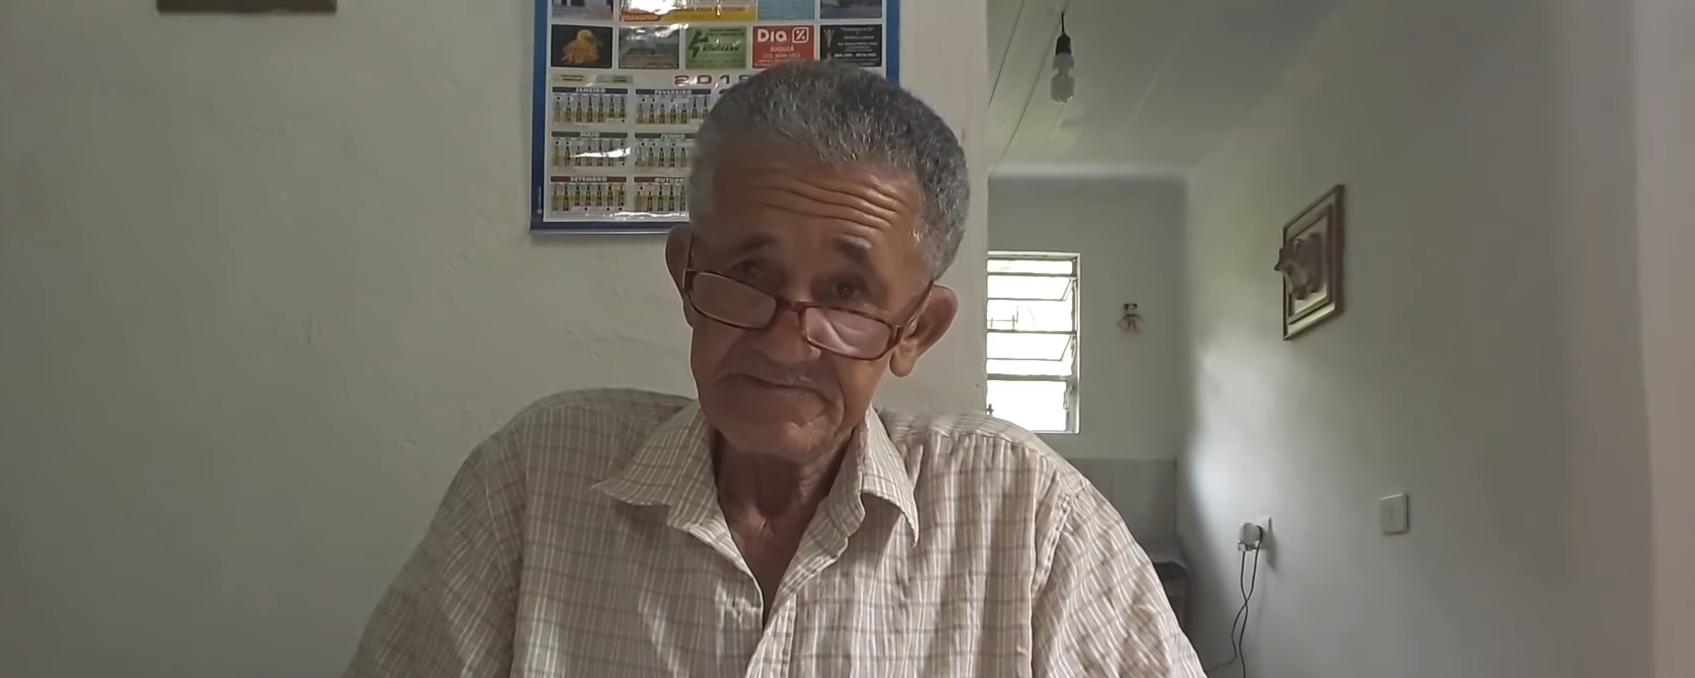 Tem Na Web - Quem é Nilson Izaías Papinho, o senhor de 71 anos que conquistou o YouTube